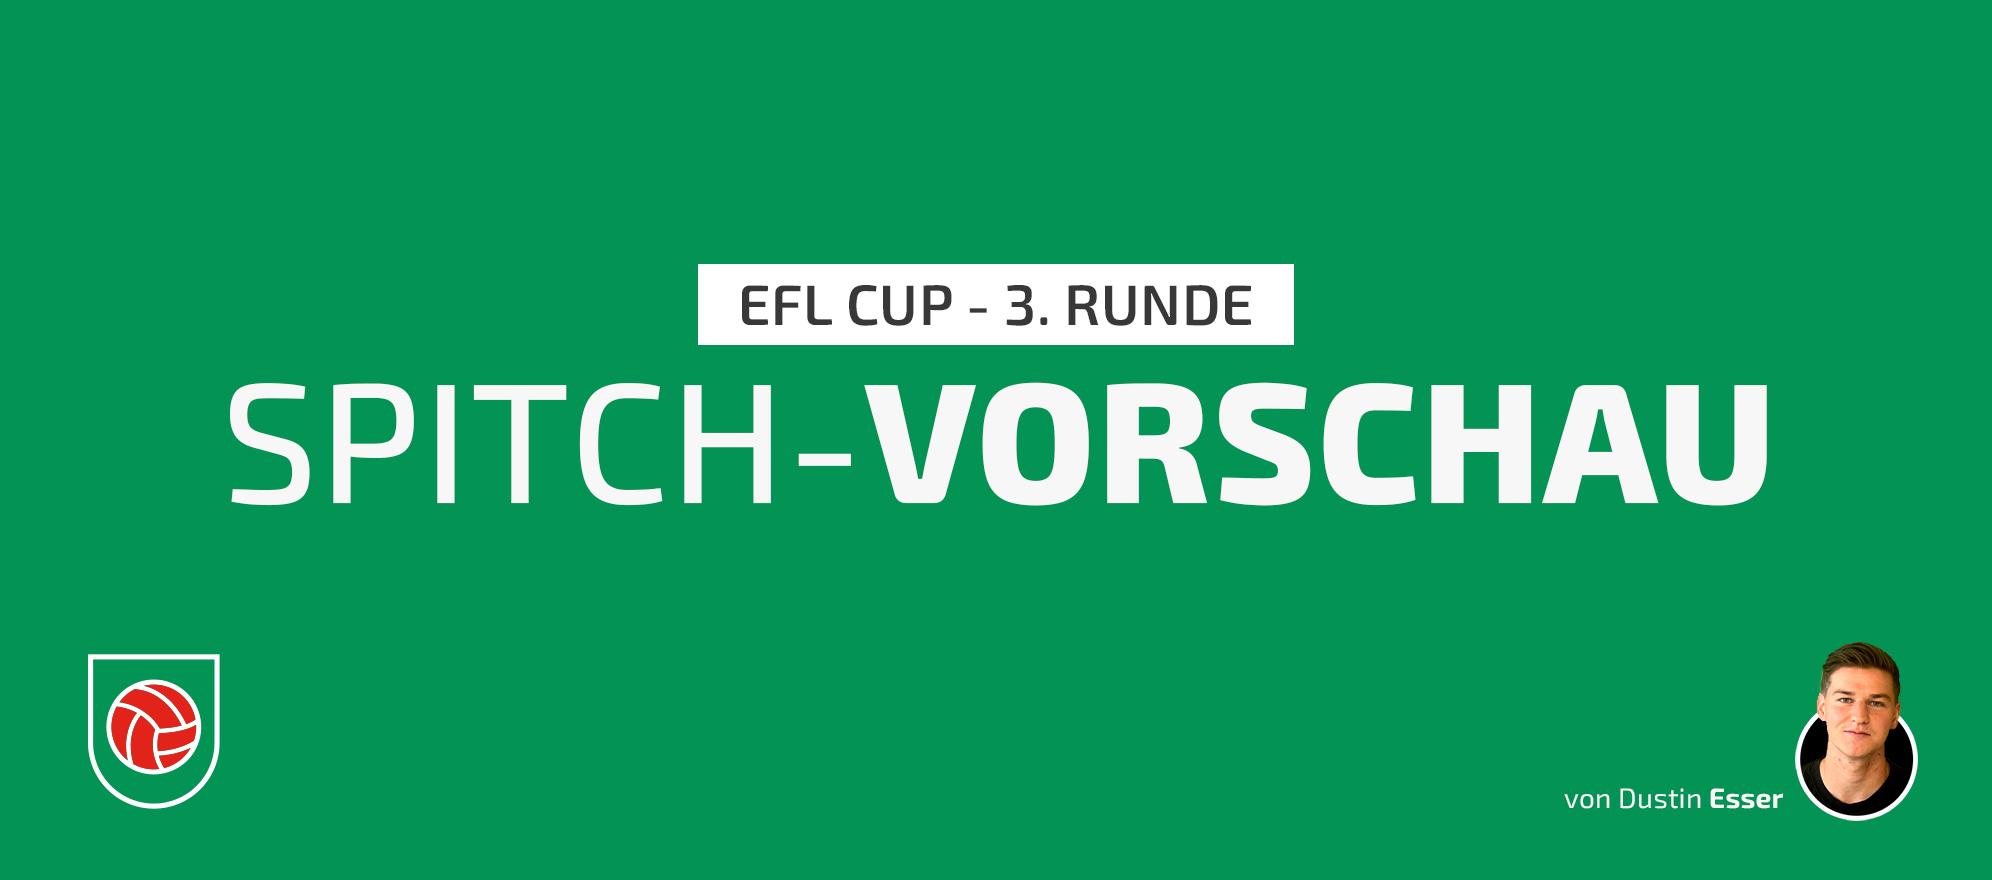 SPITCH-Vorschau für den EFL CUP am Dienstag